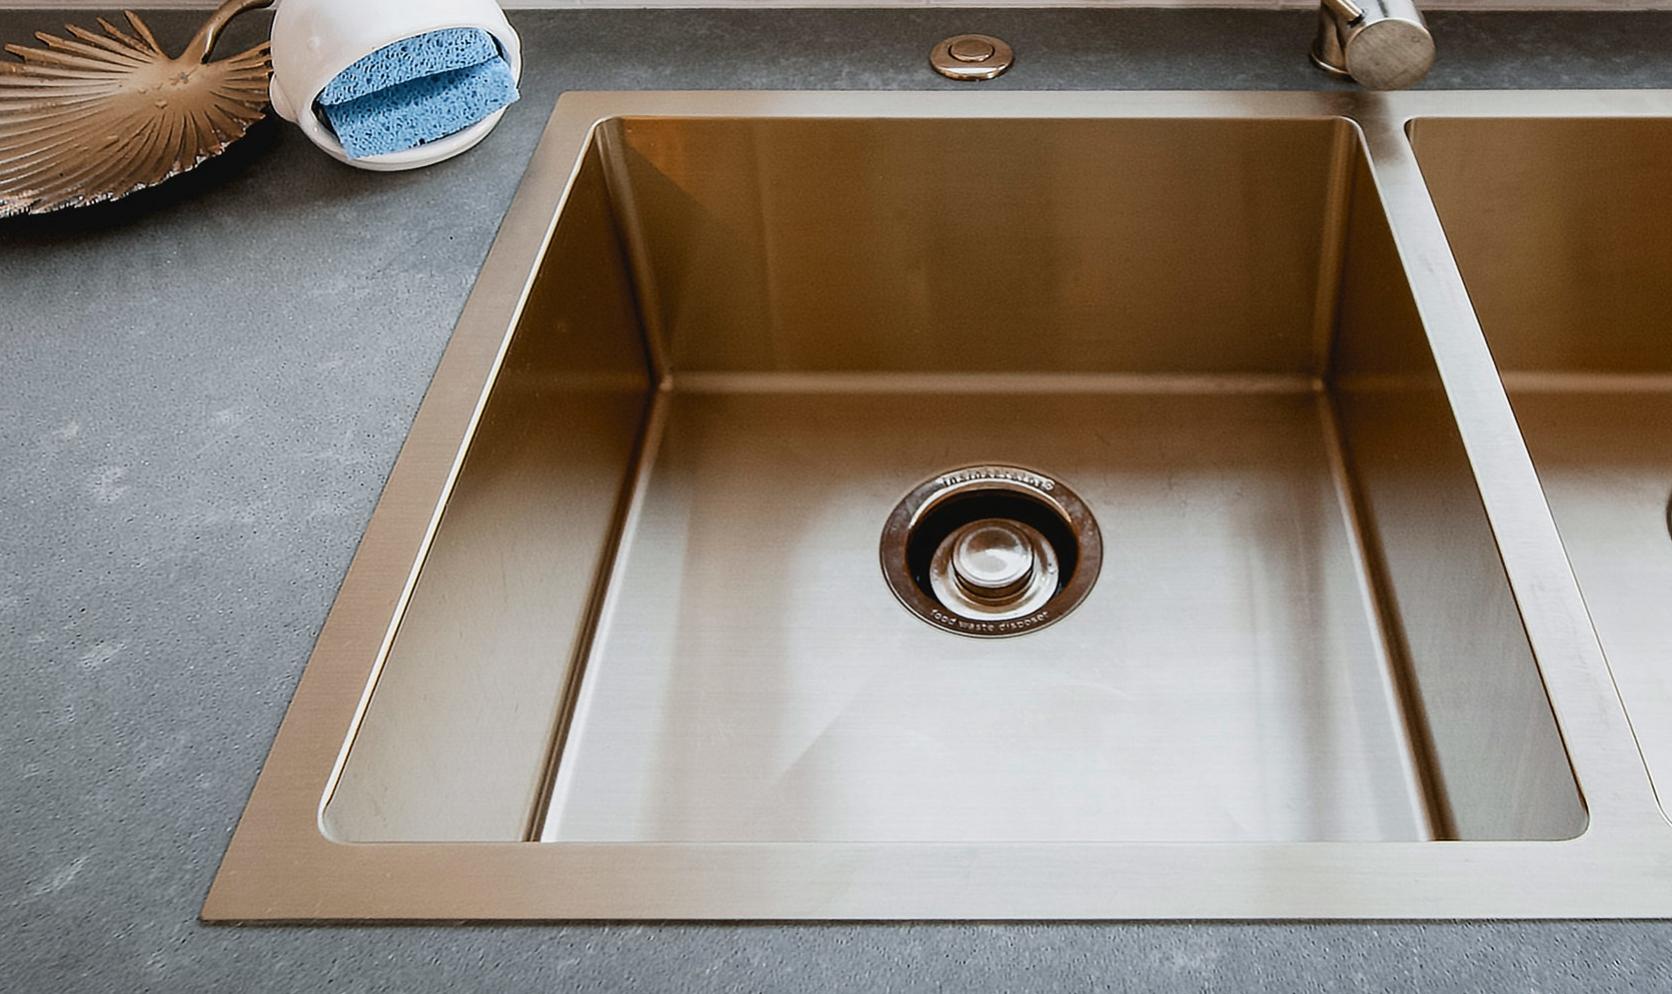 Barellen-4b-Kitchen-Sink-2018-11-05-05.52.16.jpg